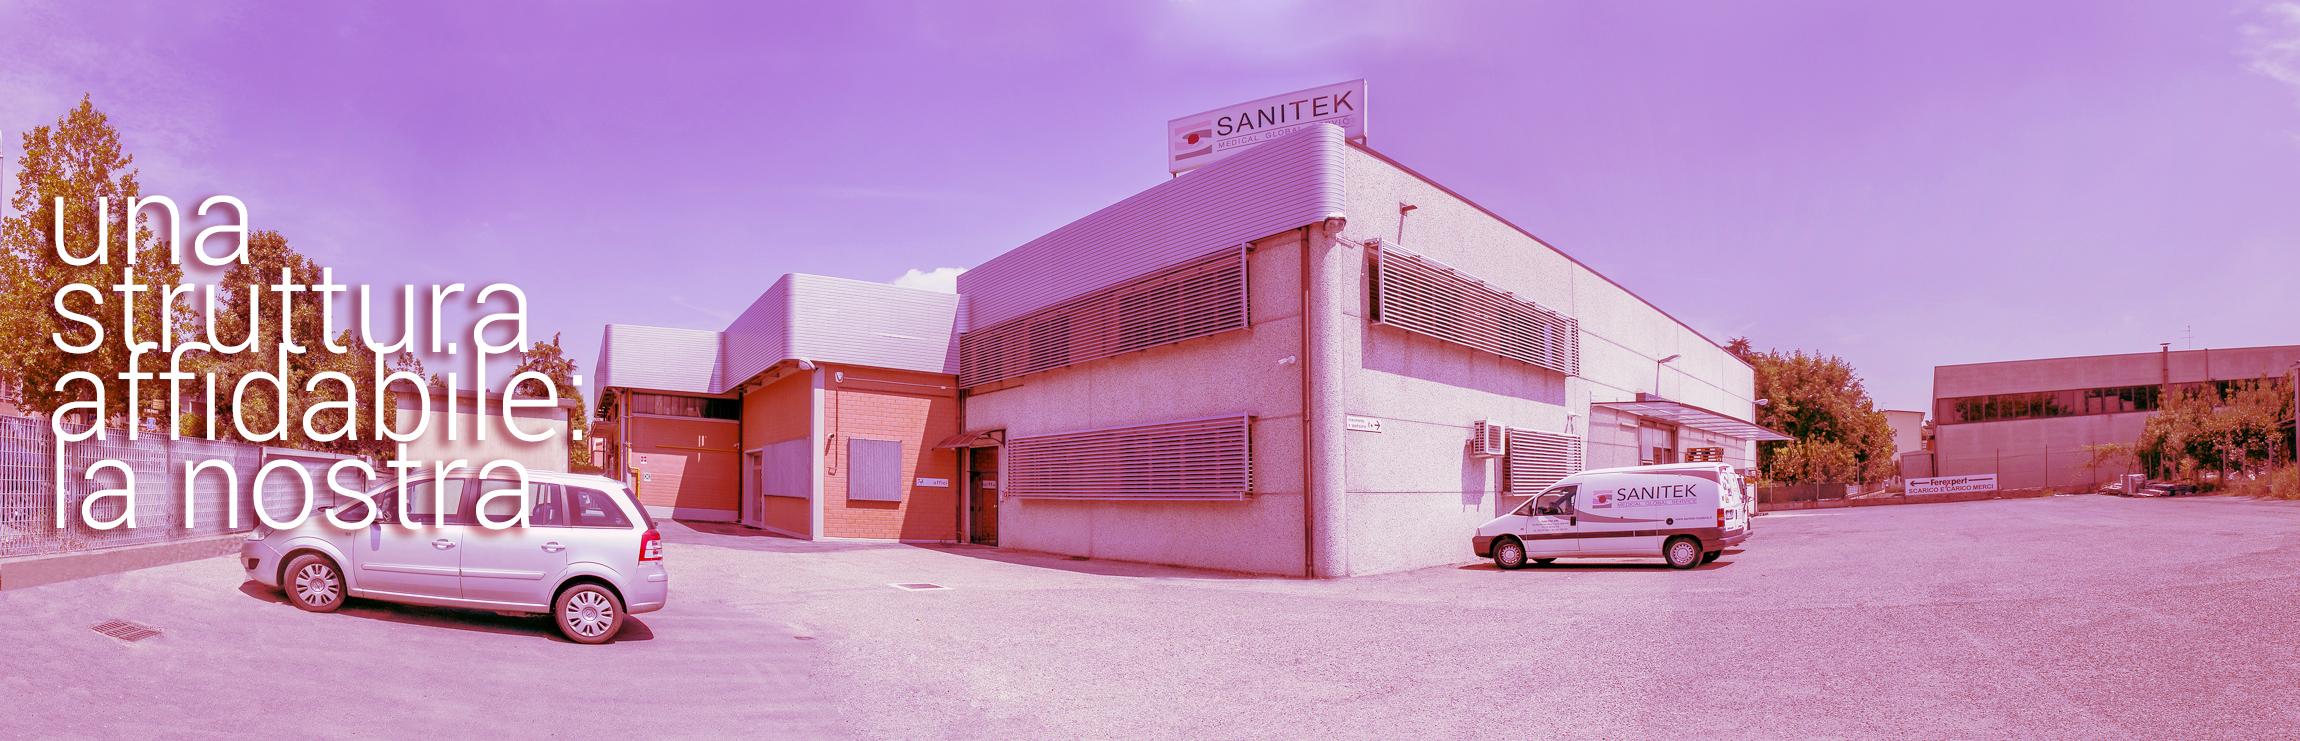 Vista esterna della nuova sedenSanitek